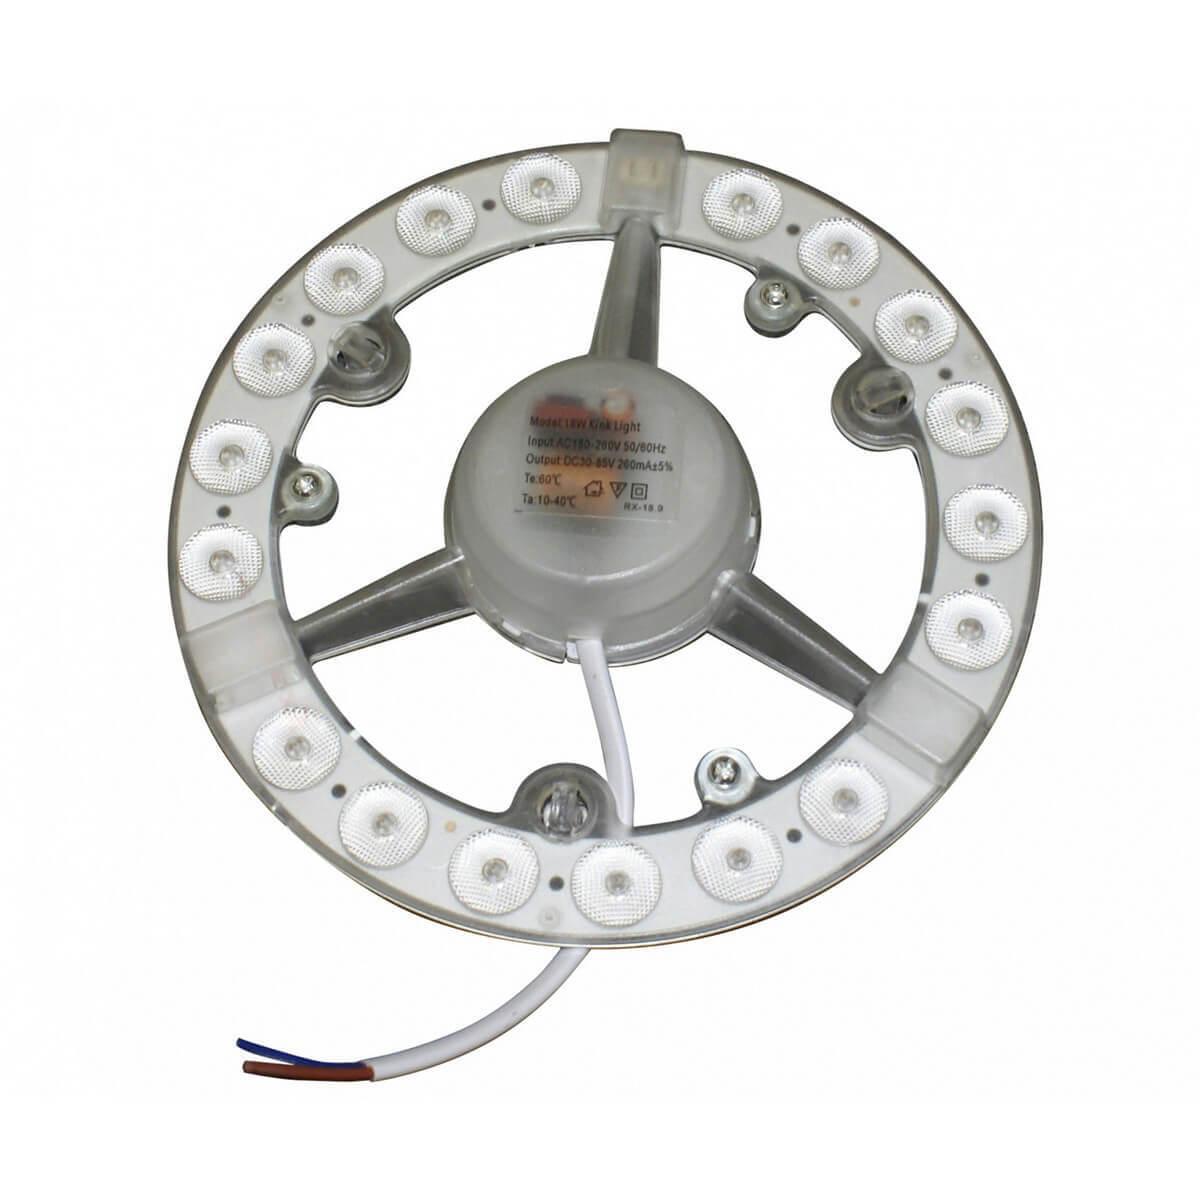 цена на Драйвер Kink Light L074130-1